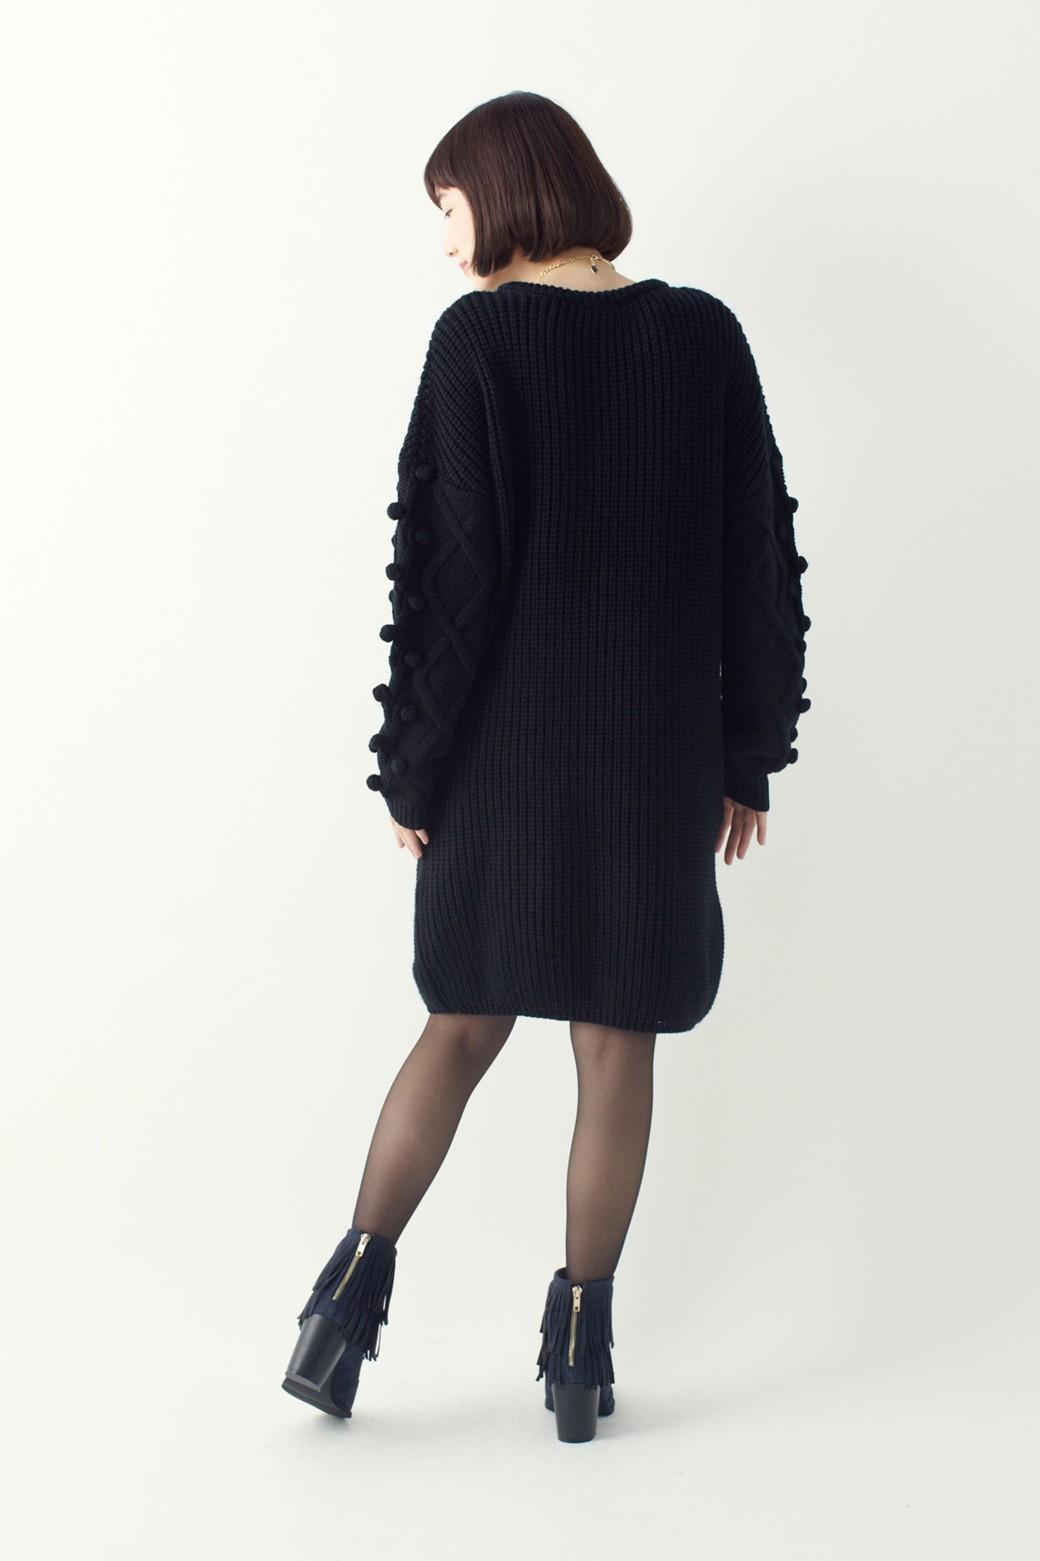 nusy パプコーン編みがかわいい おしゃれニットワンピ <ブラック>の商品写真9